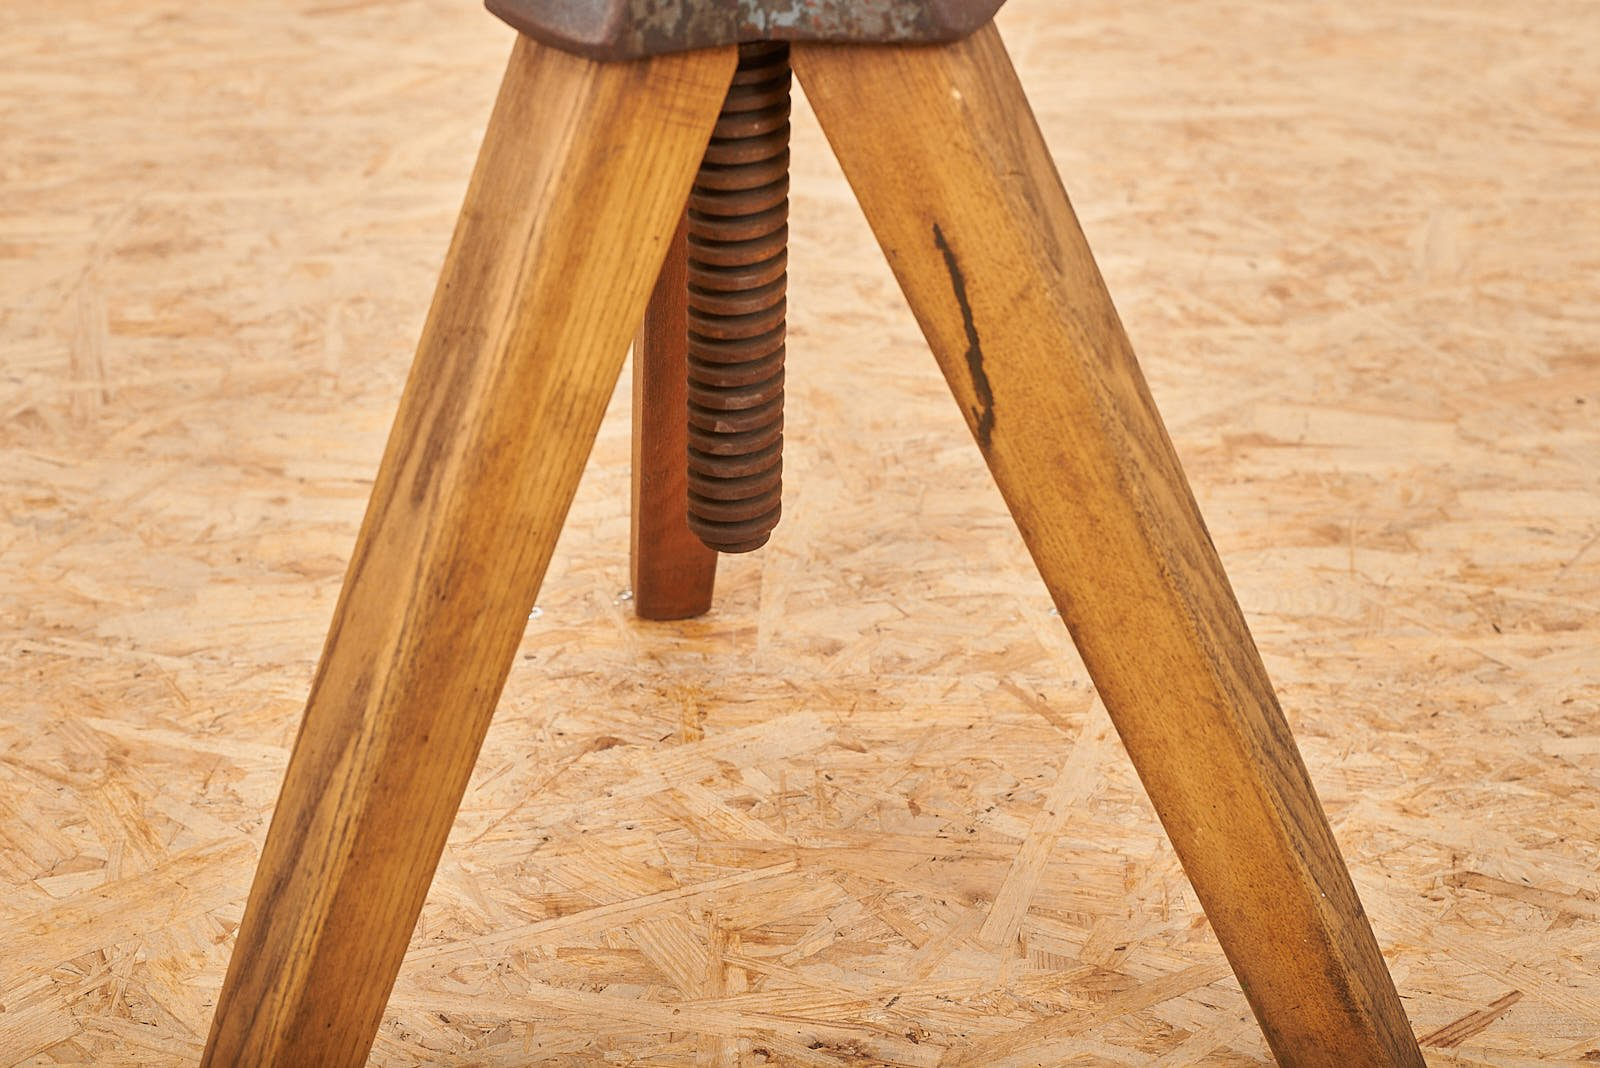 Sgabelli da caccia popowbe mini sgabello pieghevole sedia da